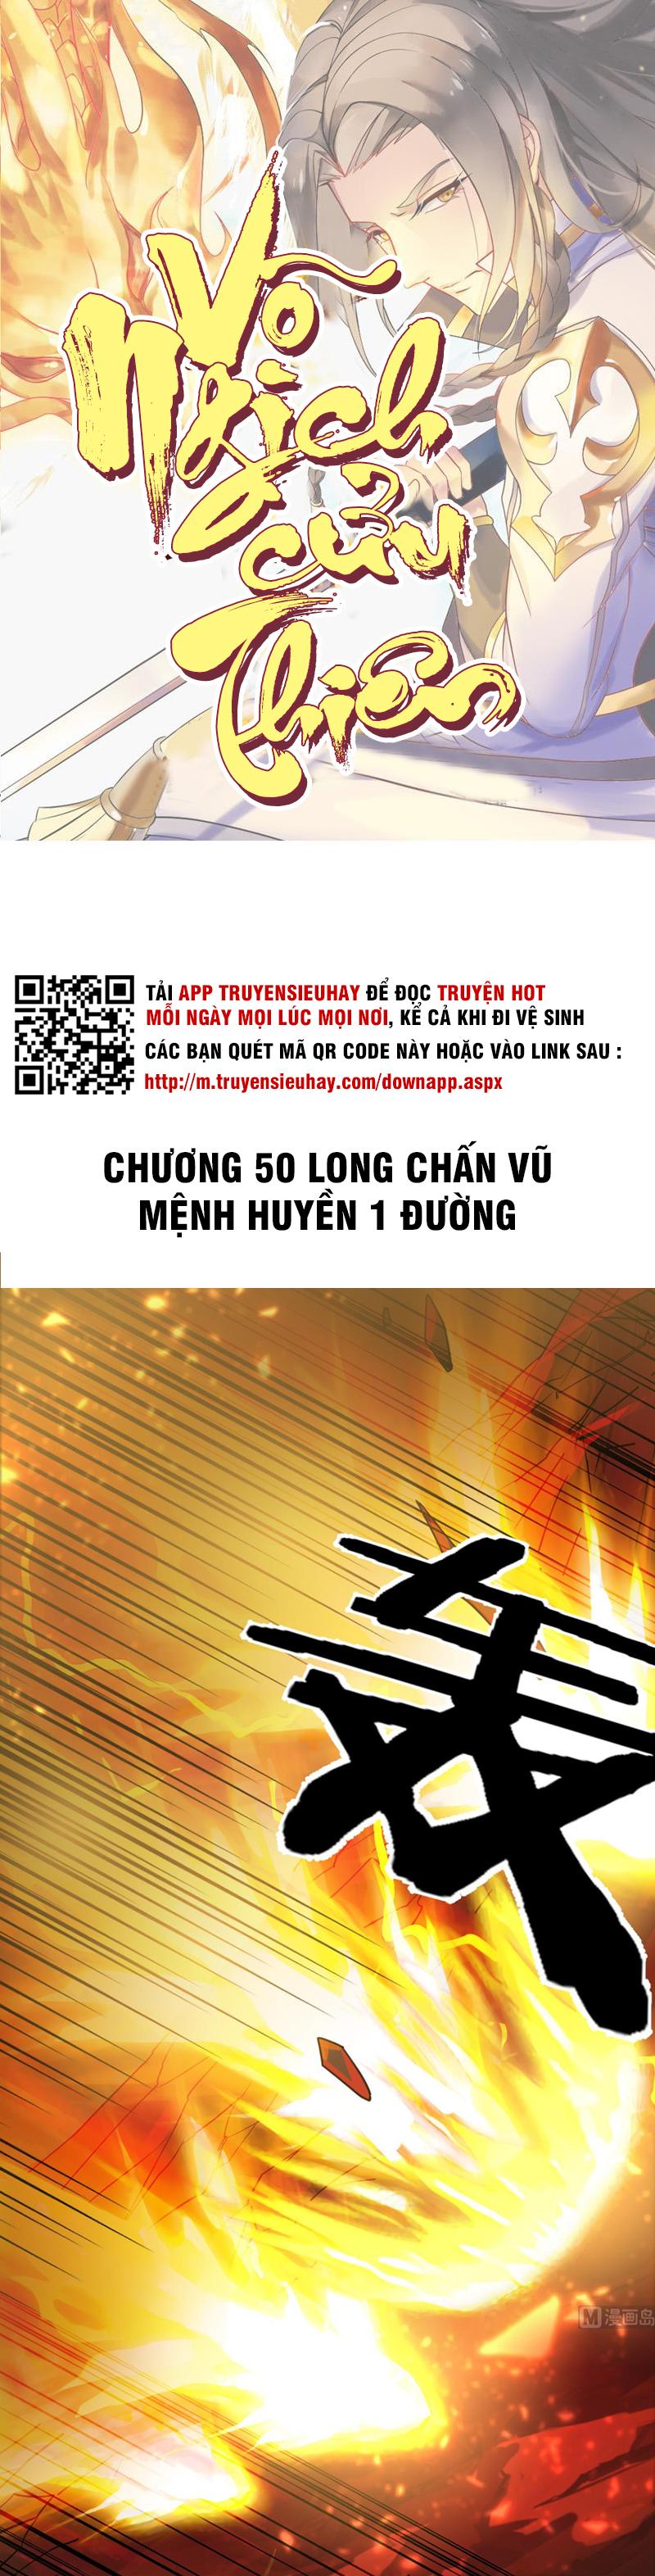 Võ Nghịch Cửu Thiên Chapter 50 video - Hamtruyen.vn